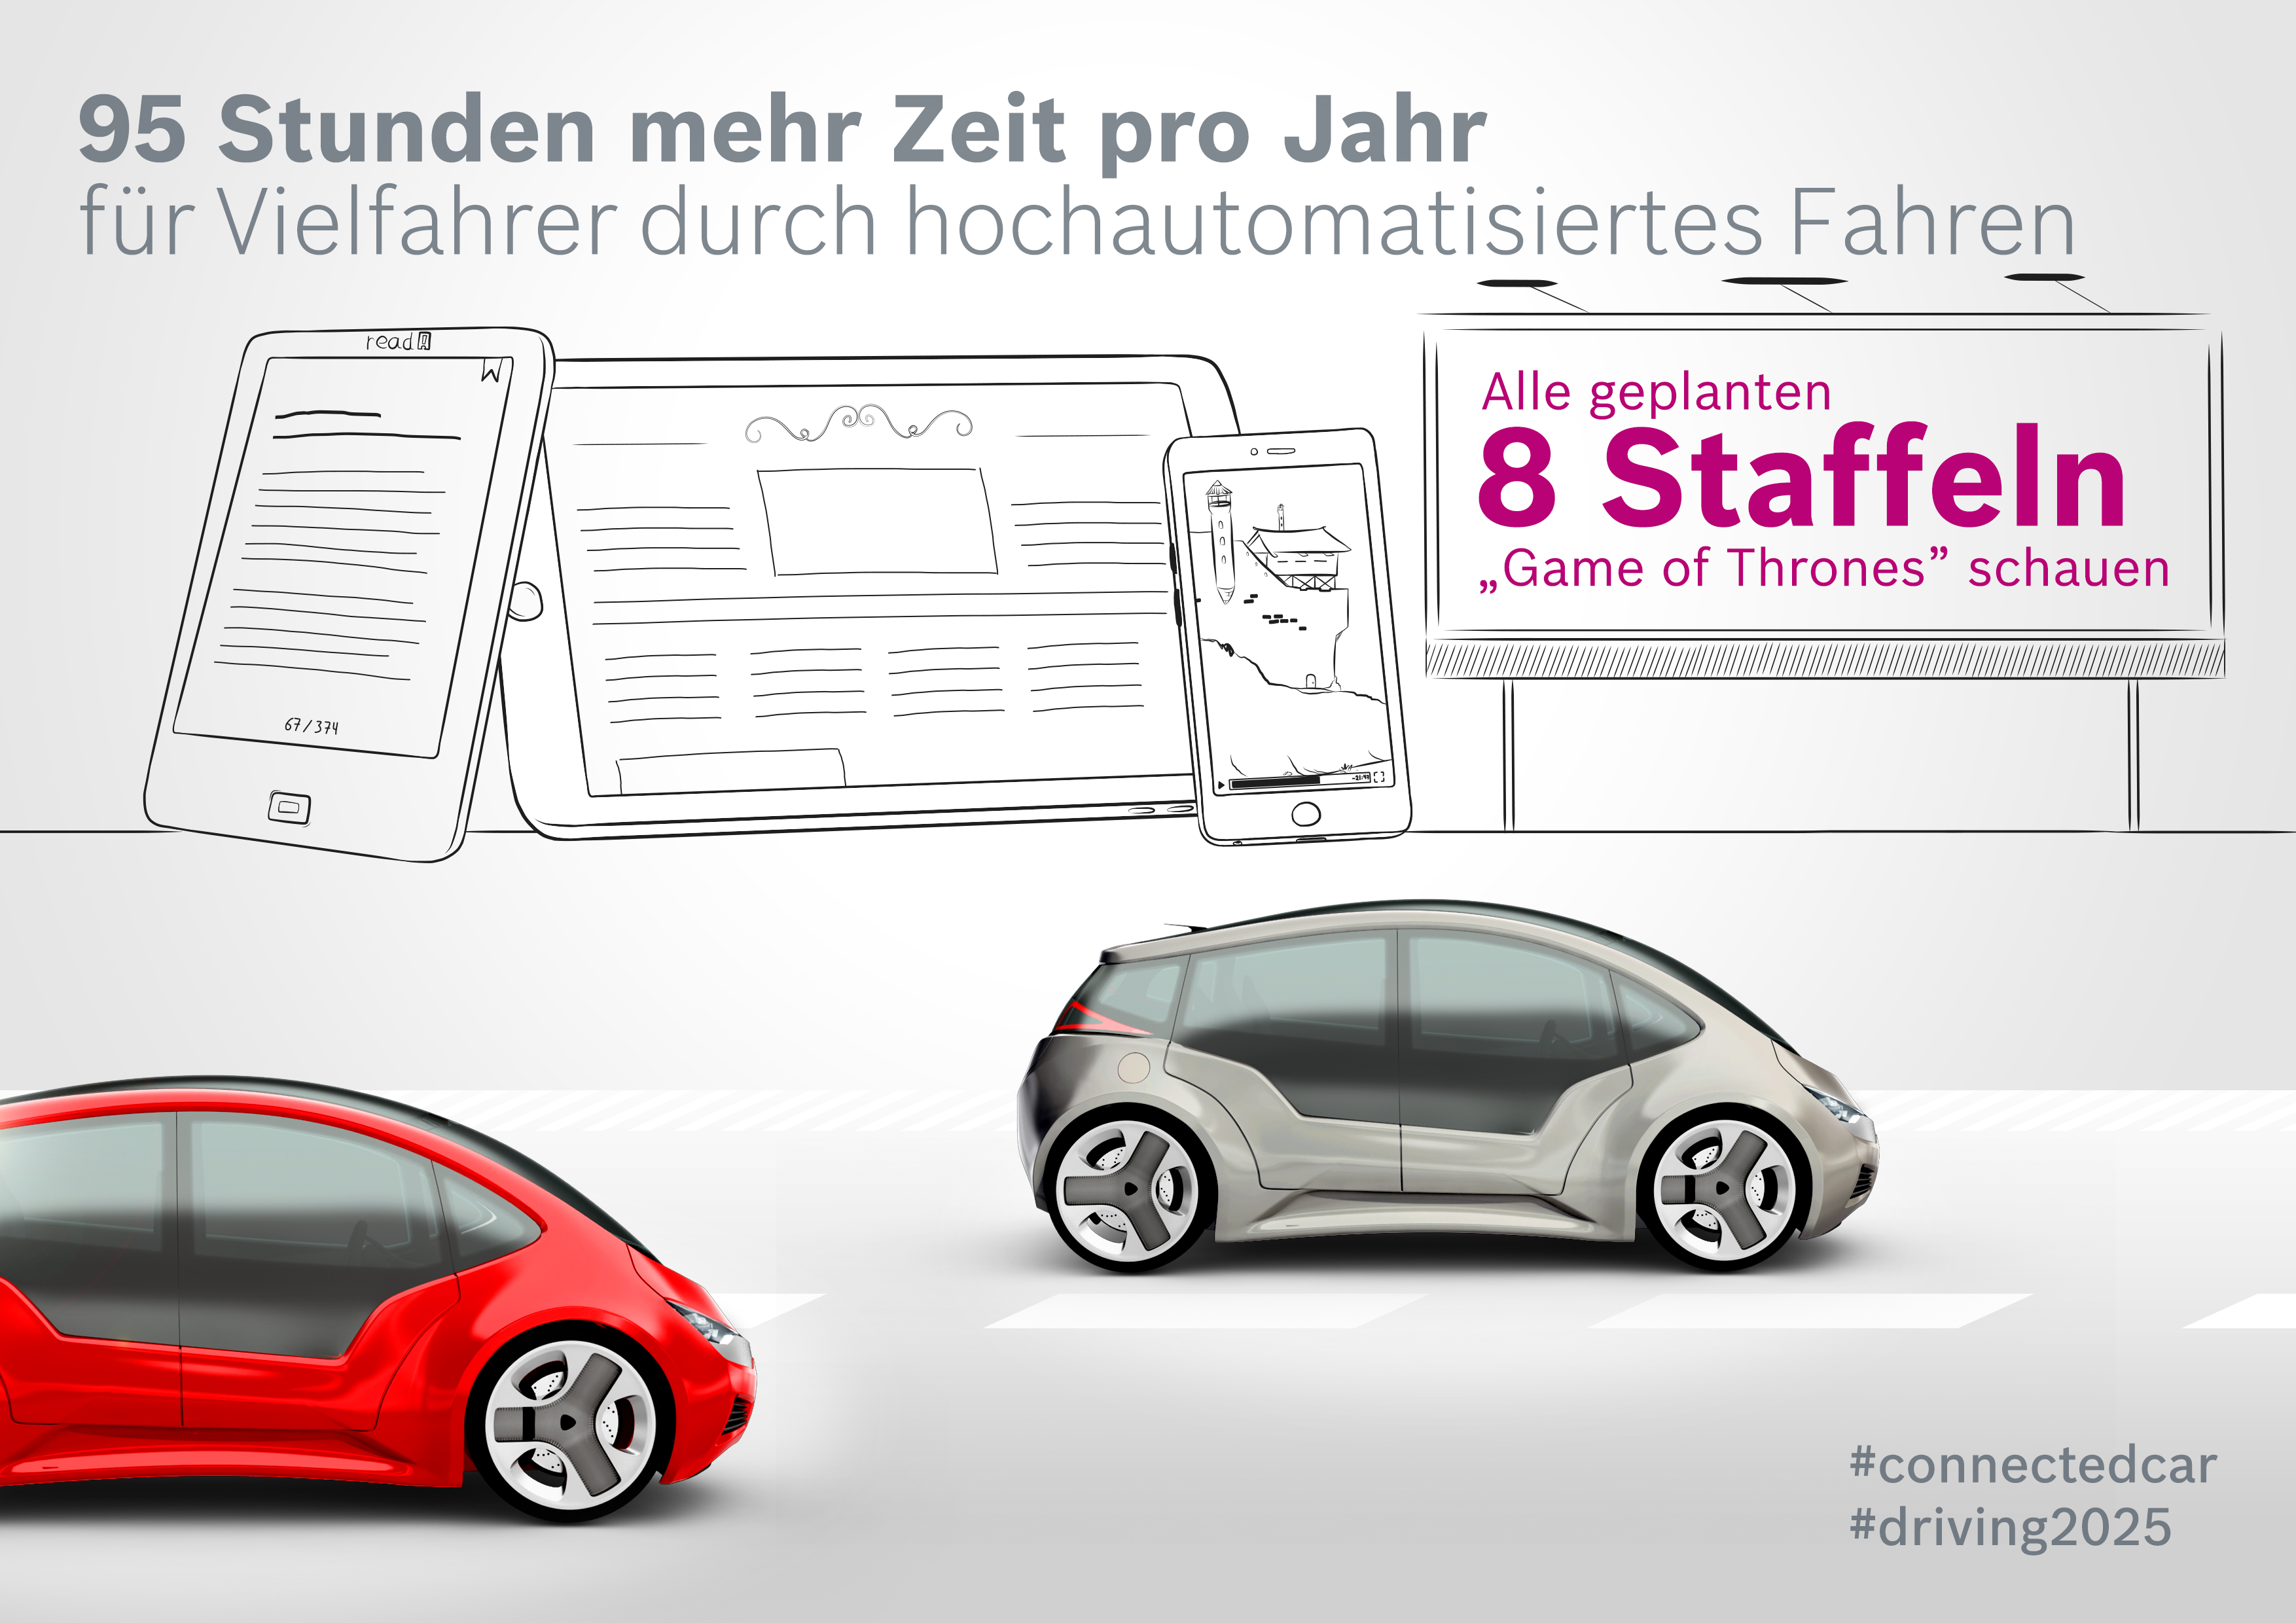 """Studie """"Connected Car Effect 2025"""": 95 Stunden mehr Zeit pro Jahr"""